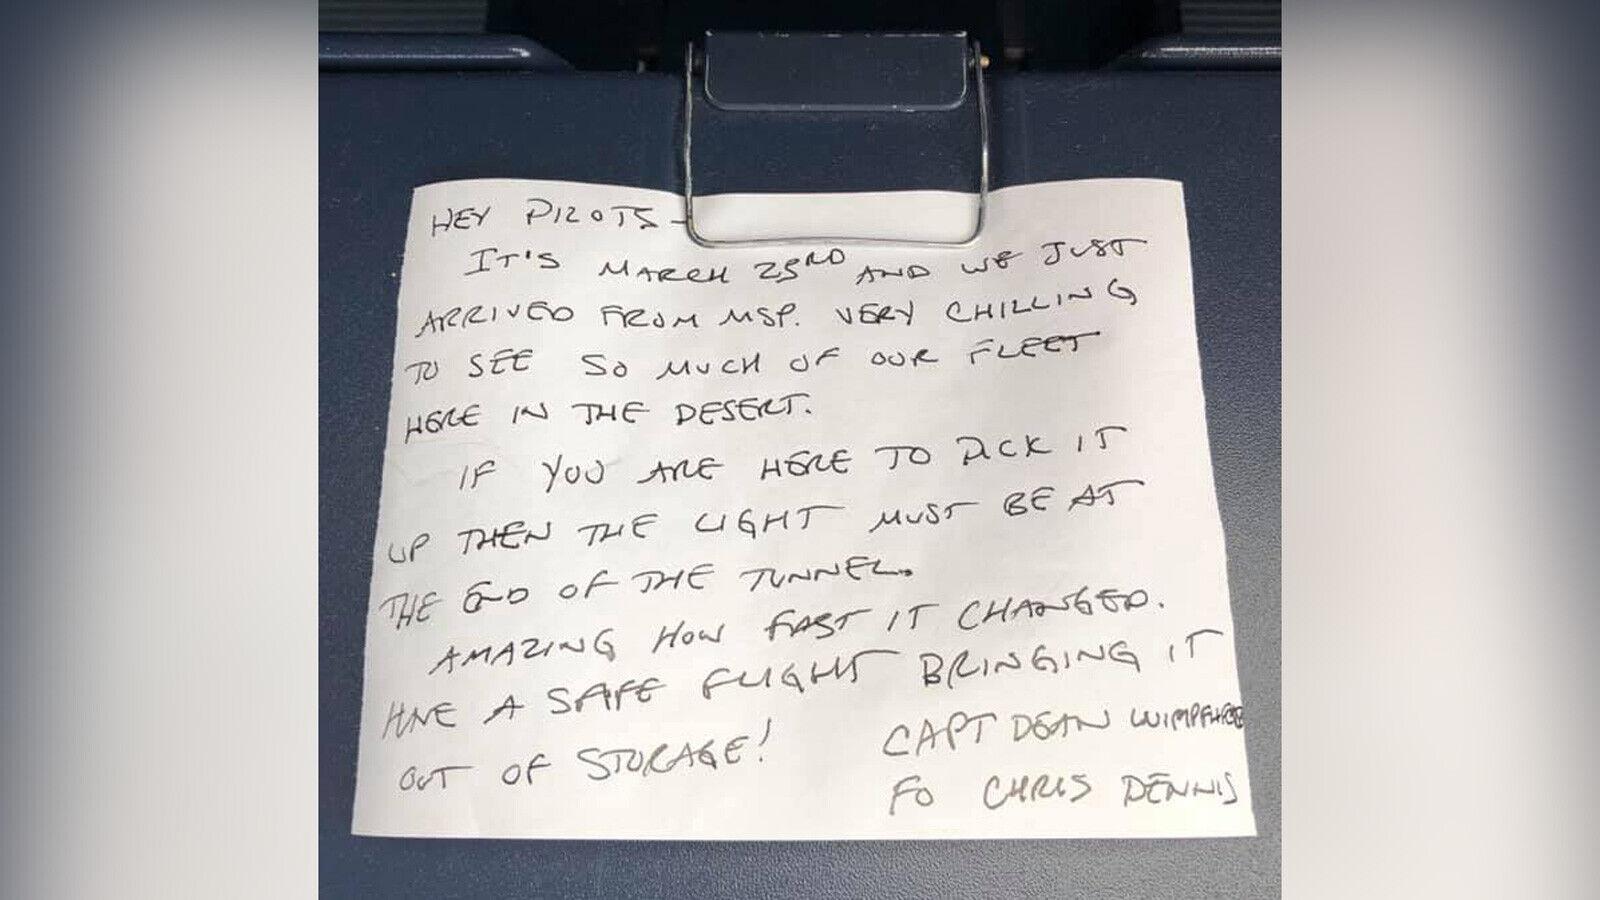 من عصر ما قبل الجائحة..العثور على رسالة طيار مخبأة على متن طائرة خارجة من المخزن